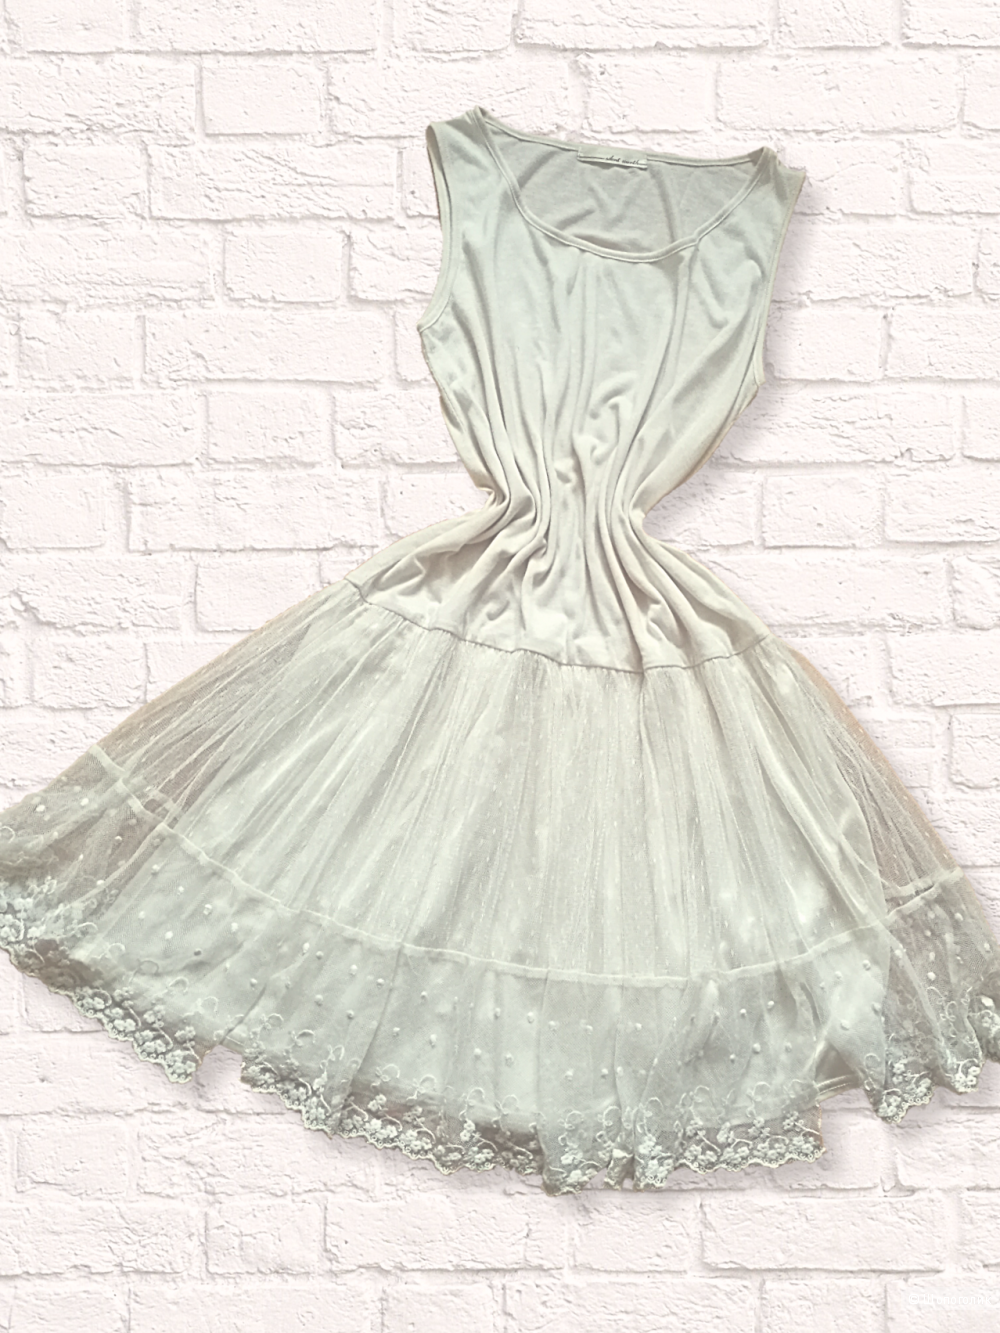 Jdent worth.Платье.Туника 42/44